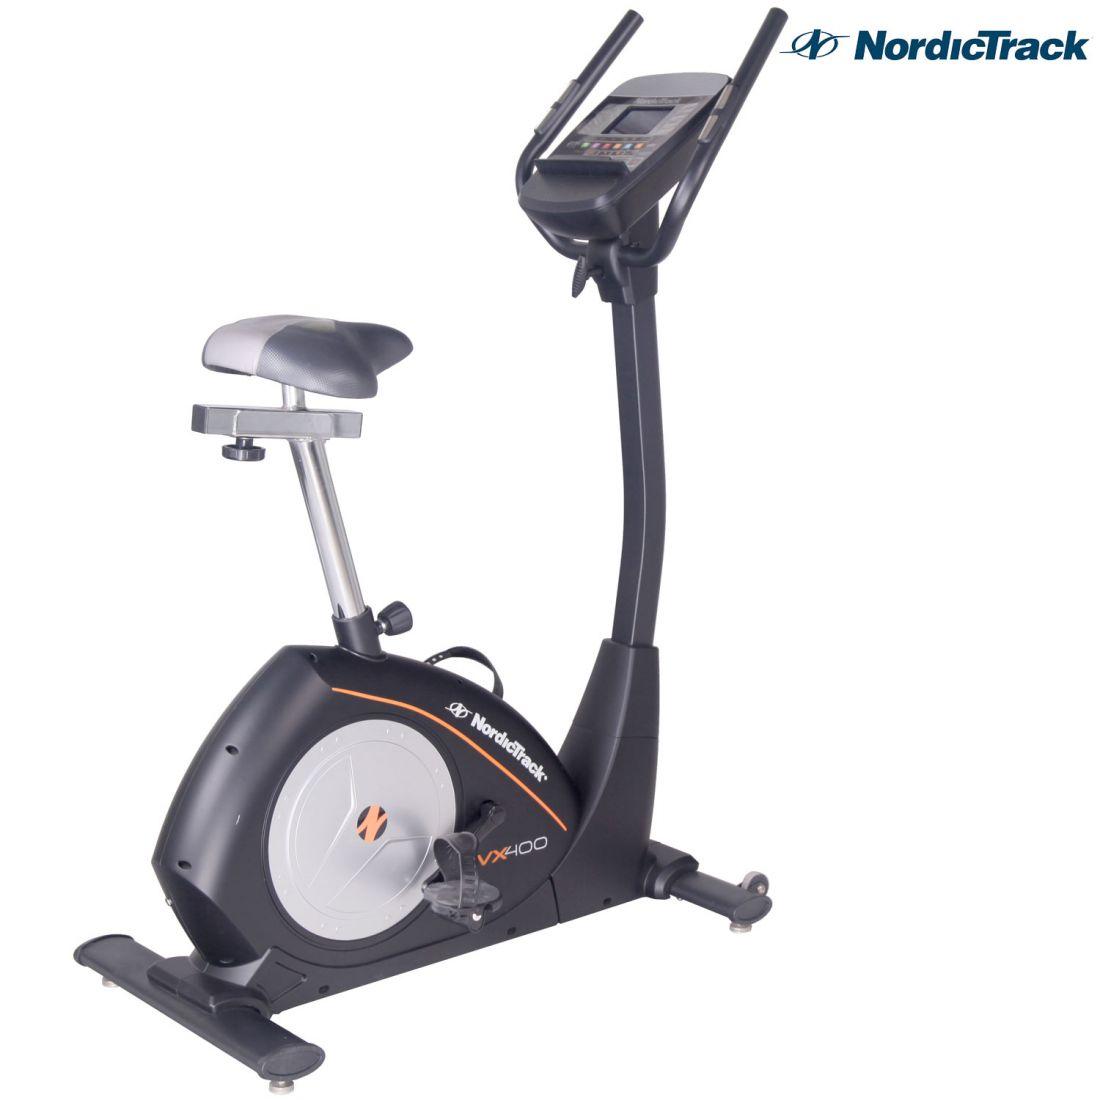 Велотренажер - NordicTrack VX400